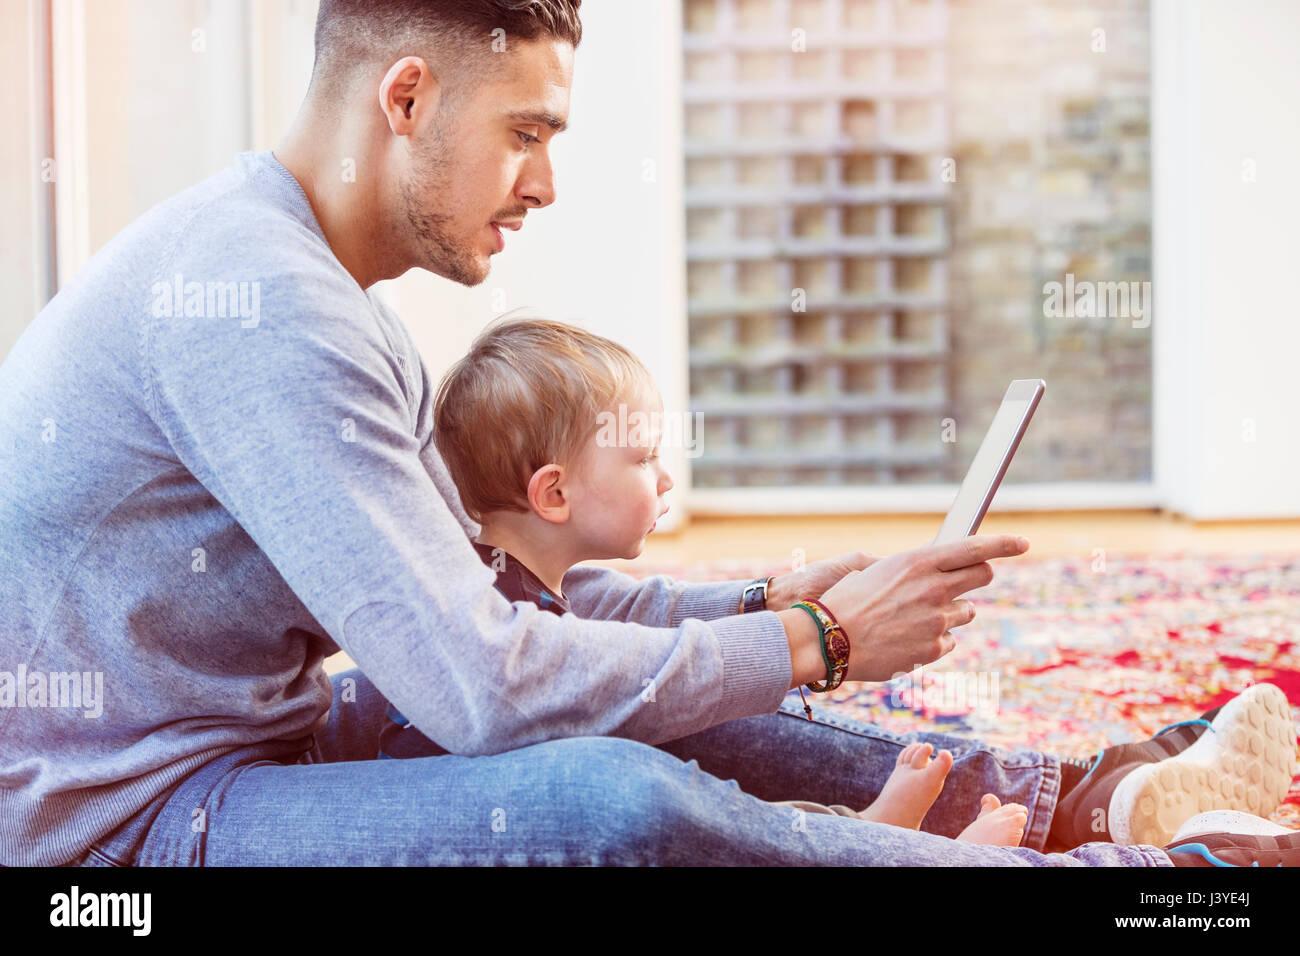 Padre e figlio toddler sedersi sul pavimento di casa utilizzando tablet Immagini Stock